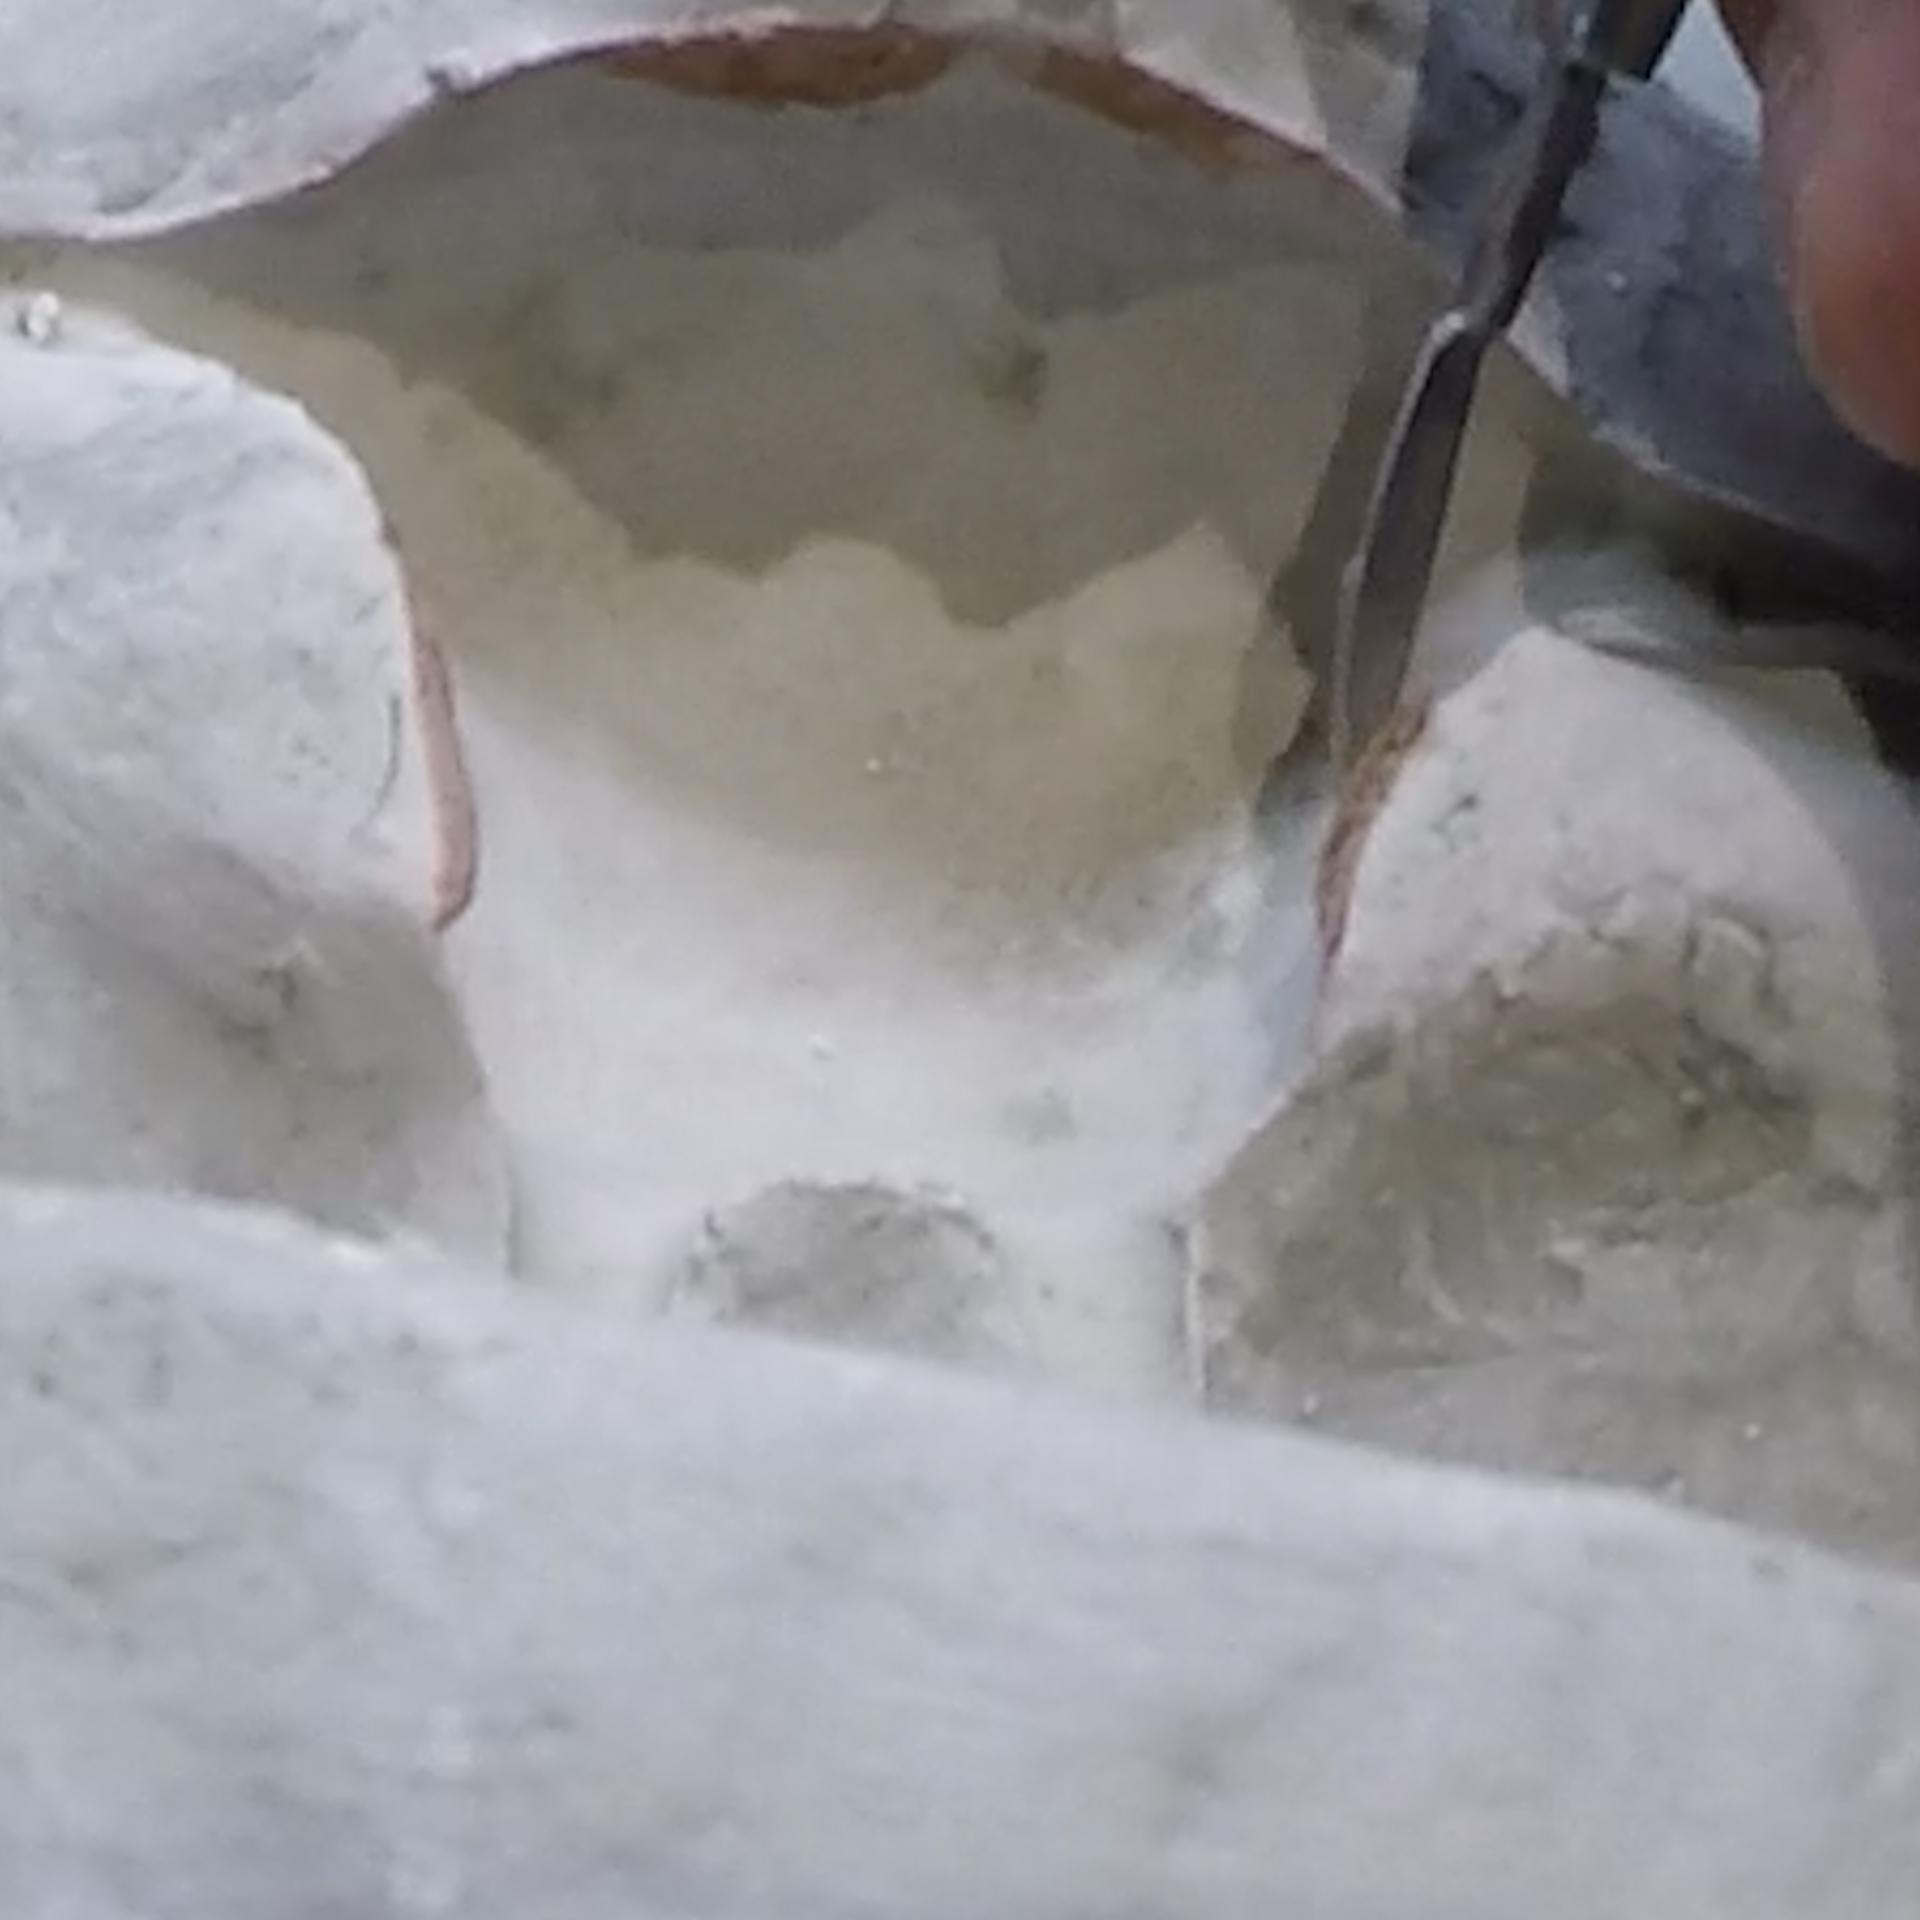 Nettoyage du moule en plâtre